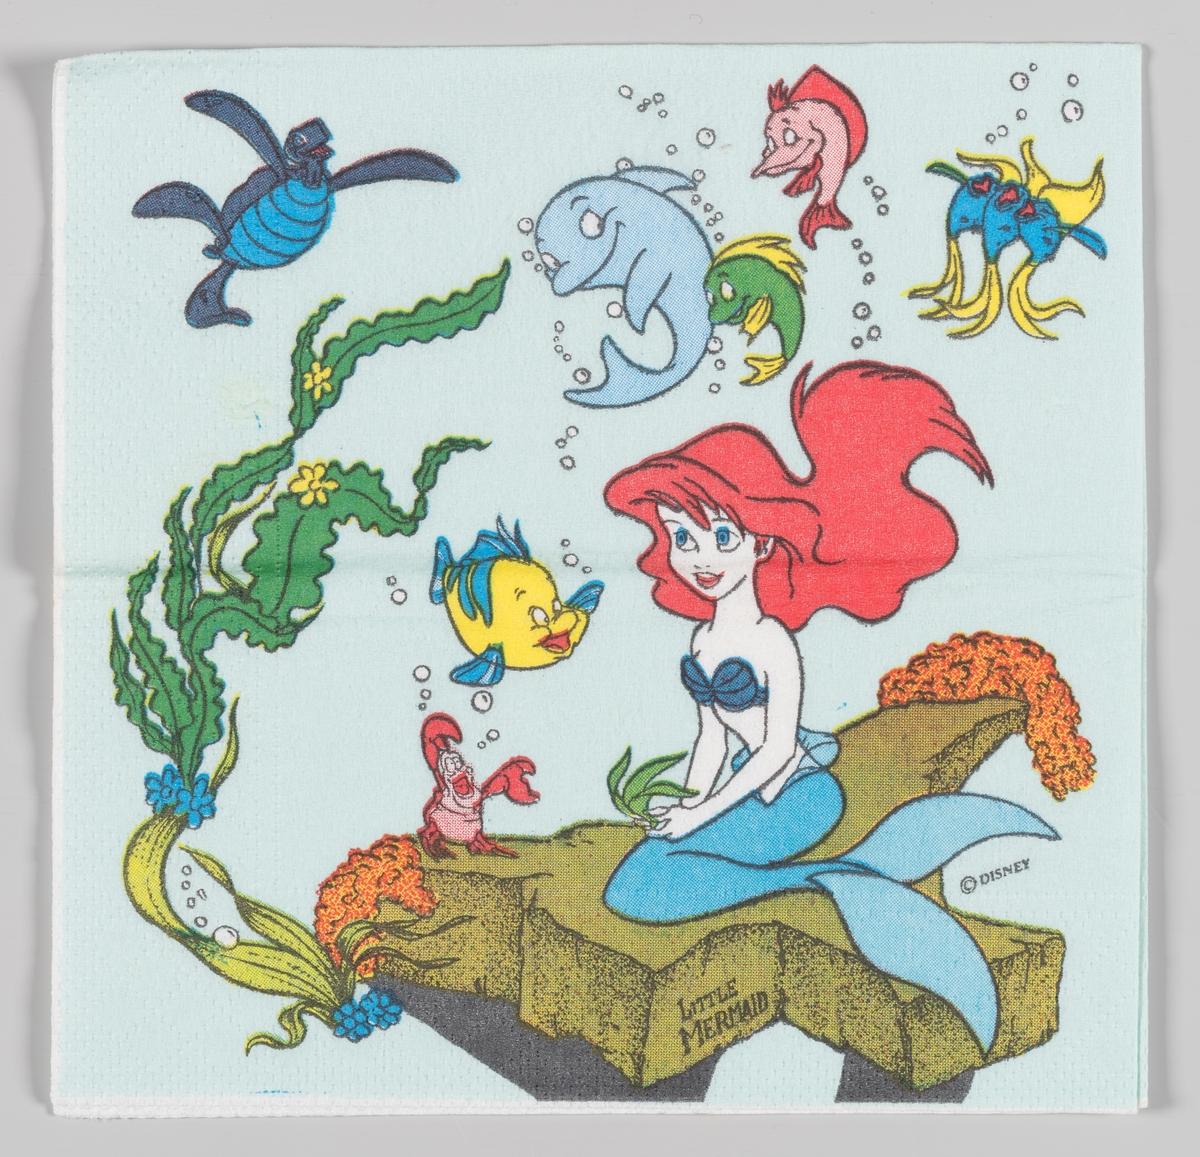 Den lille havfrue sitter mens dyrene fra tegnefilmen svømmer rundt henne  Walt Disney animasjonfilmen Den lille havfruen kom i 1989.